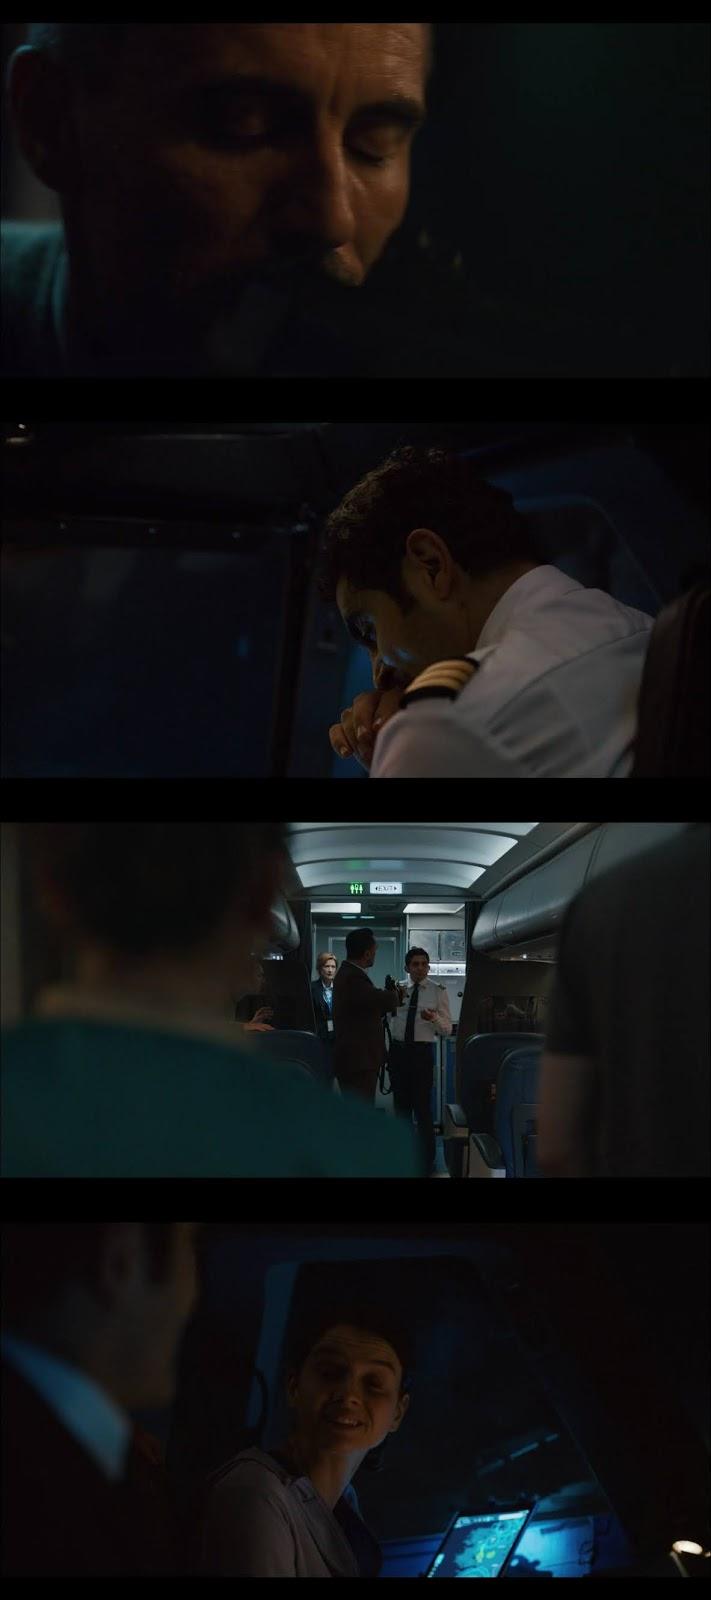 El Camino de la Noche Temporada 1 Completa HD 720p Latino